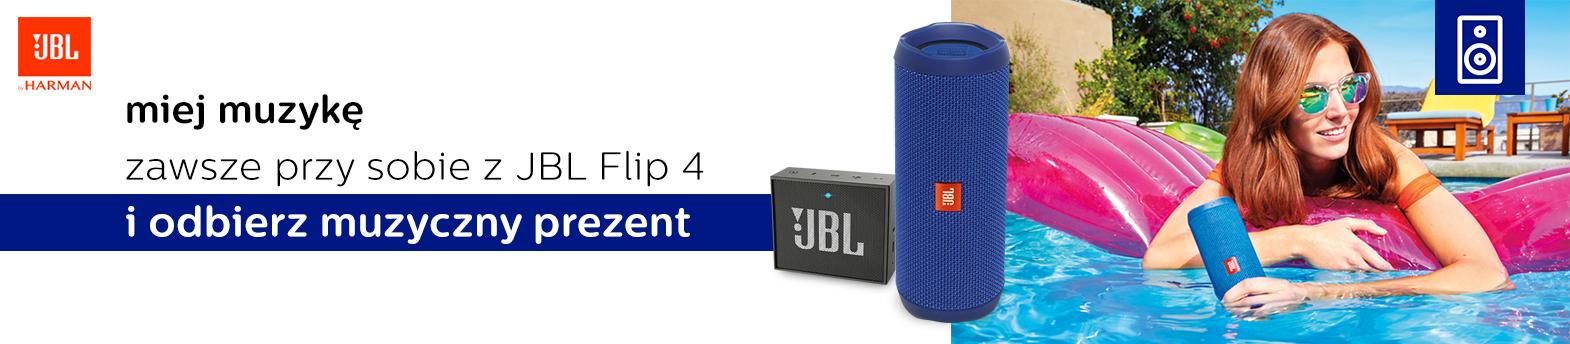 poznaj JBL Flip 4 i otrzymaj gratis